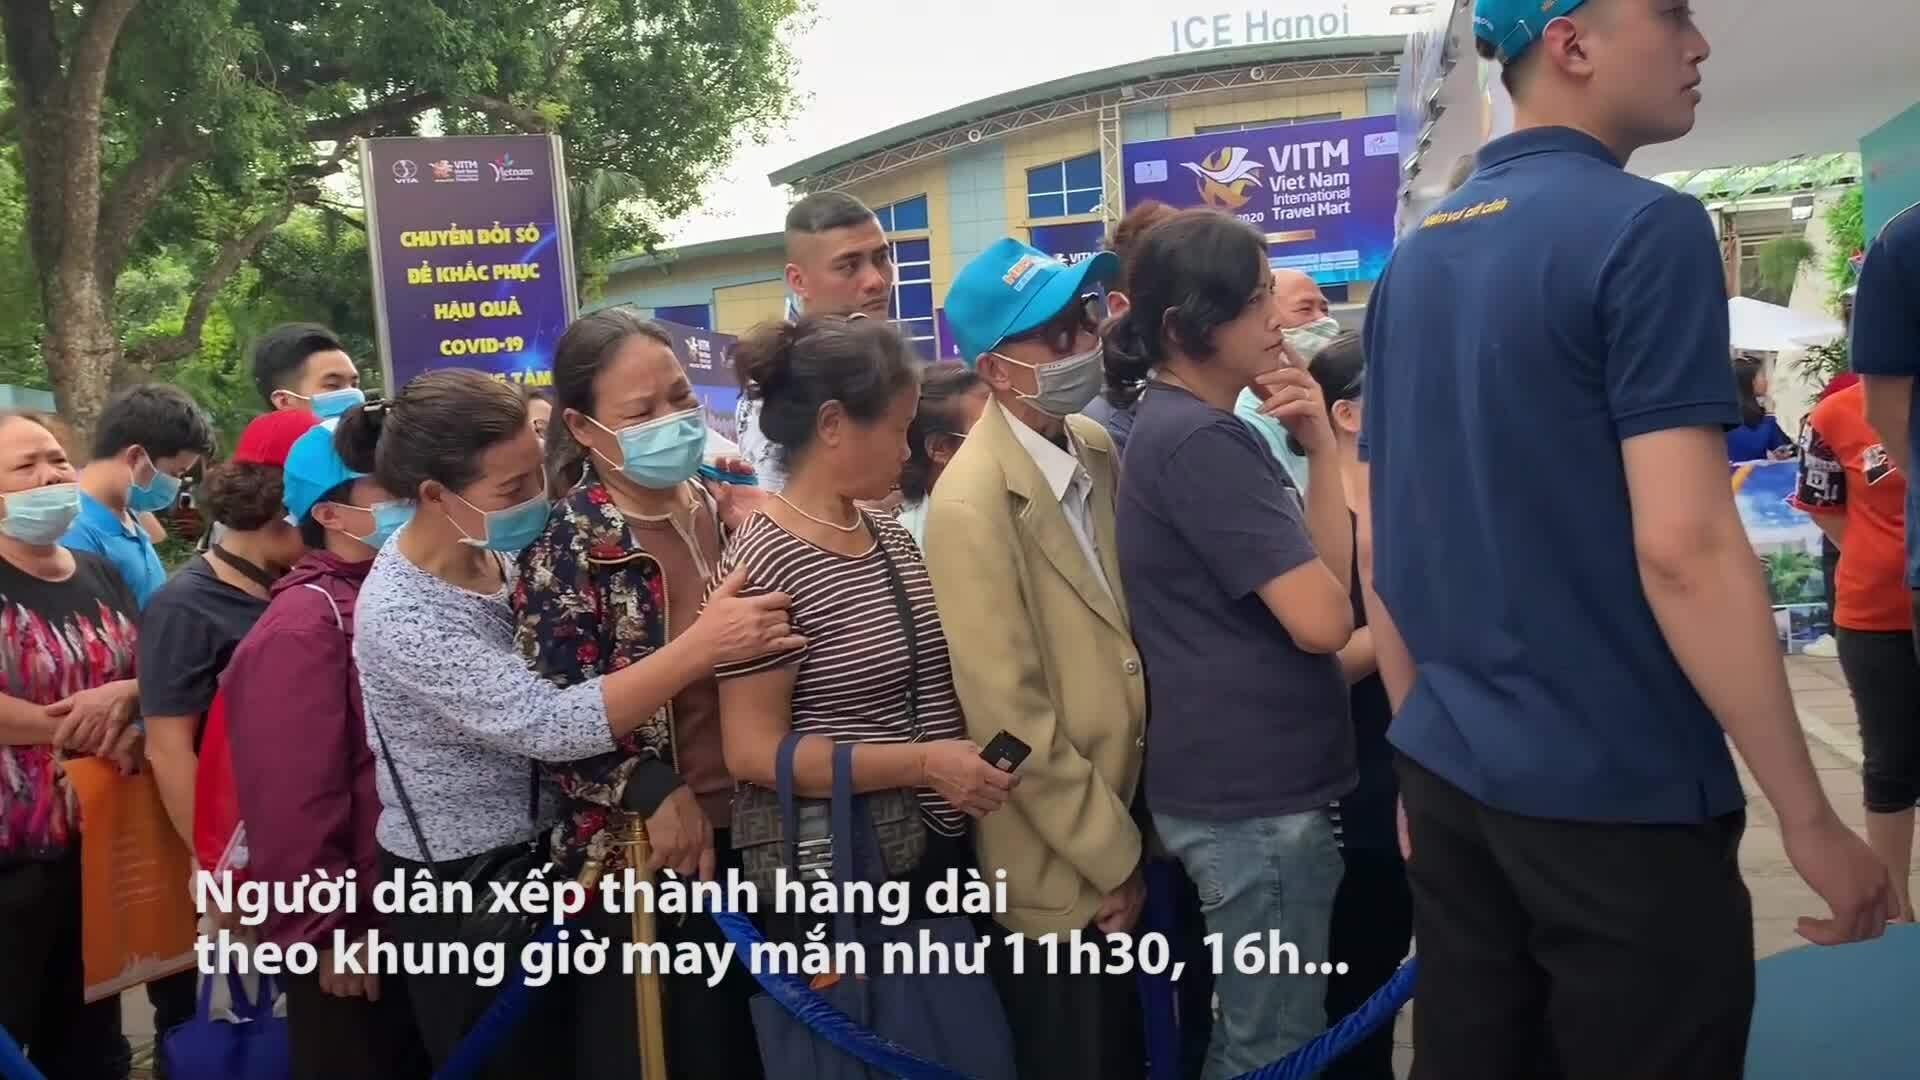 Xếp hàng săn vé máy bay 0 đồng tại Hà Nội